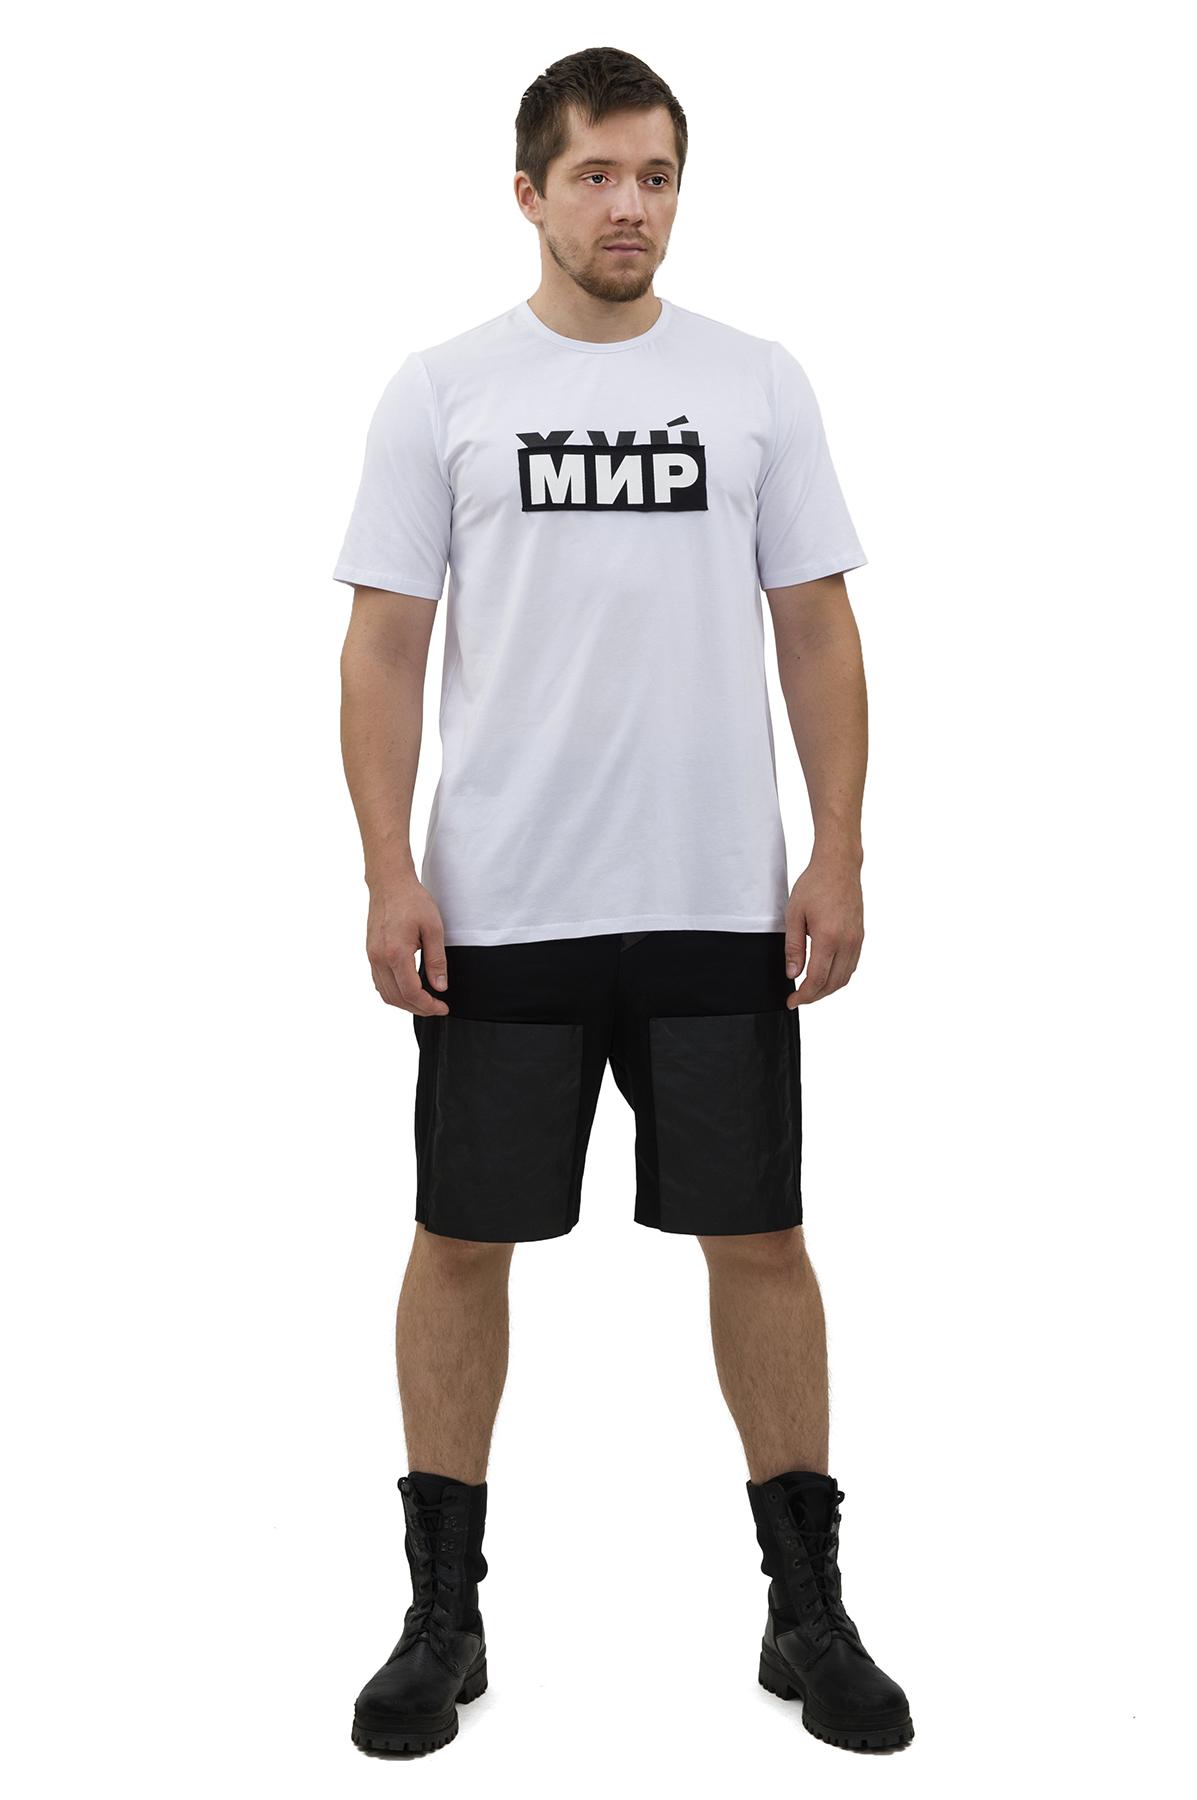 ФутболкаМужские футболки, джемпера<br>Футболка Pavel Yerokin с принтом  выполнена из хлопкового трикотажа с добавлением эластана. Особенности: свободный, удлиненный крой, текстовый принт.<br><br>Цвет: белый<br>Состав: Хлопок - 92%, Эластан - 8%<br>Размер: 44,46,48,50,52<br>Страна дизайна: Россия<br>Страна производства: Россия